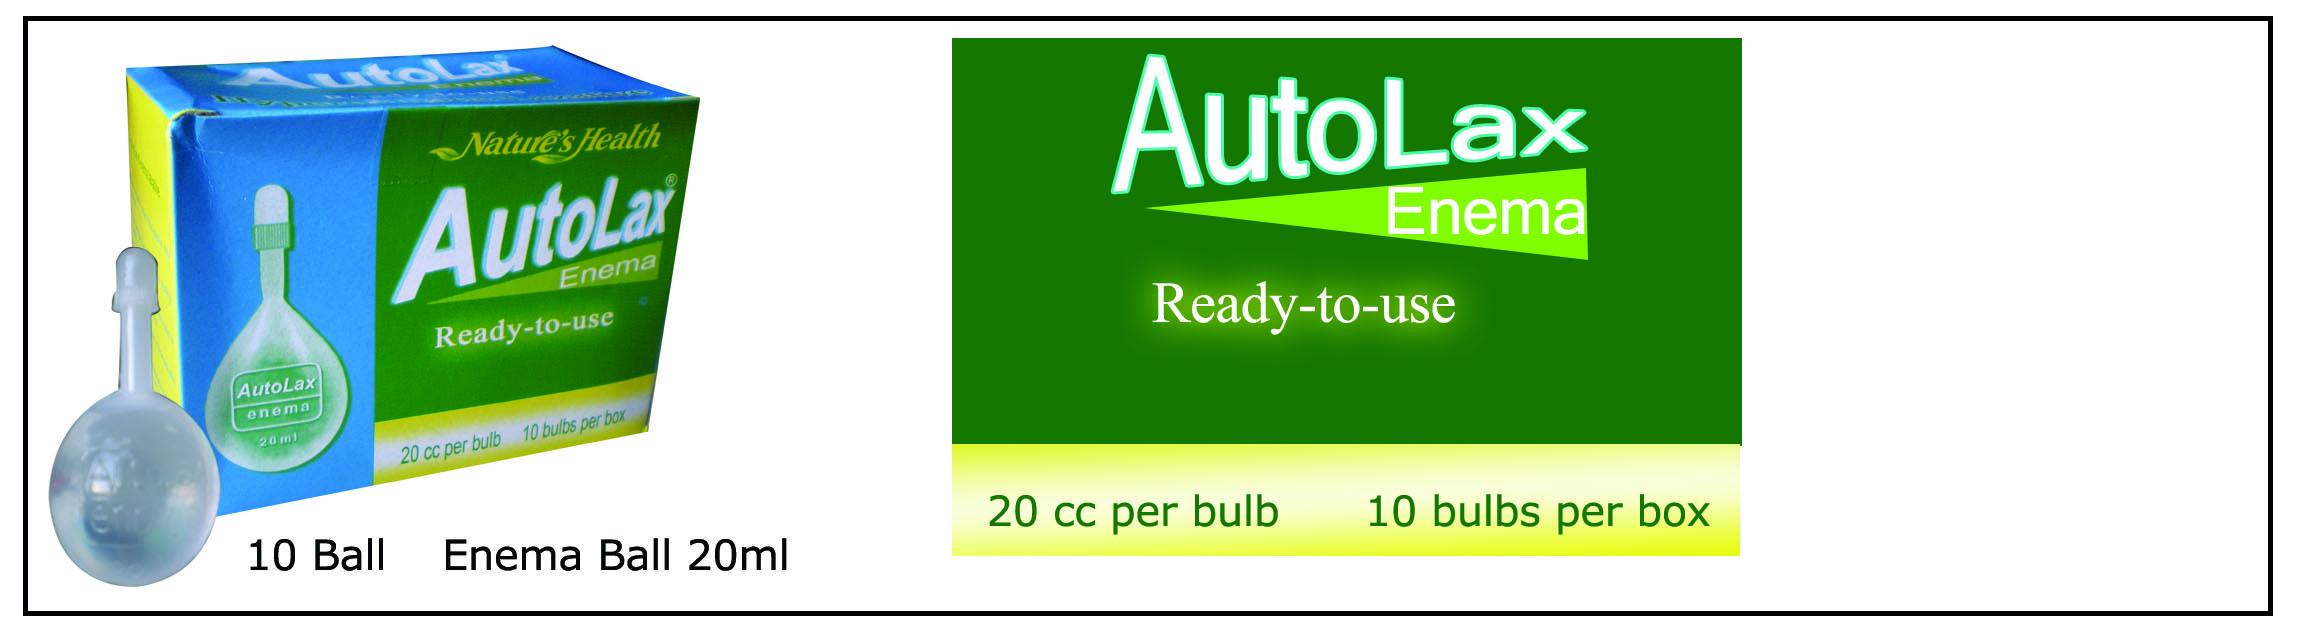 Autolax